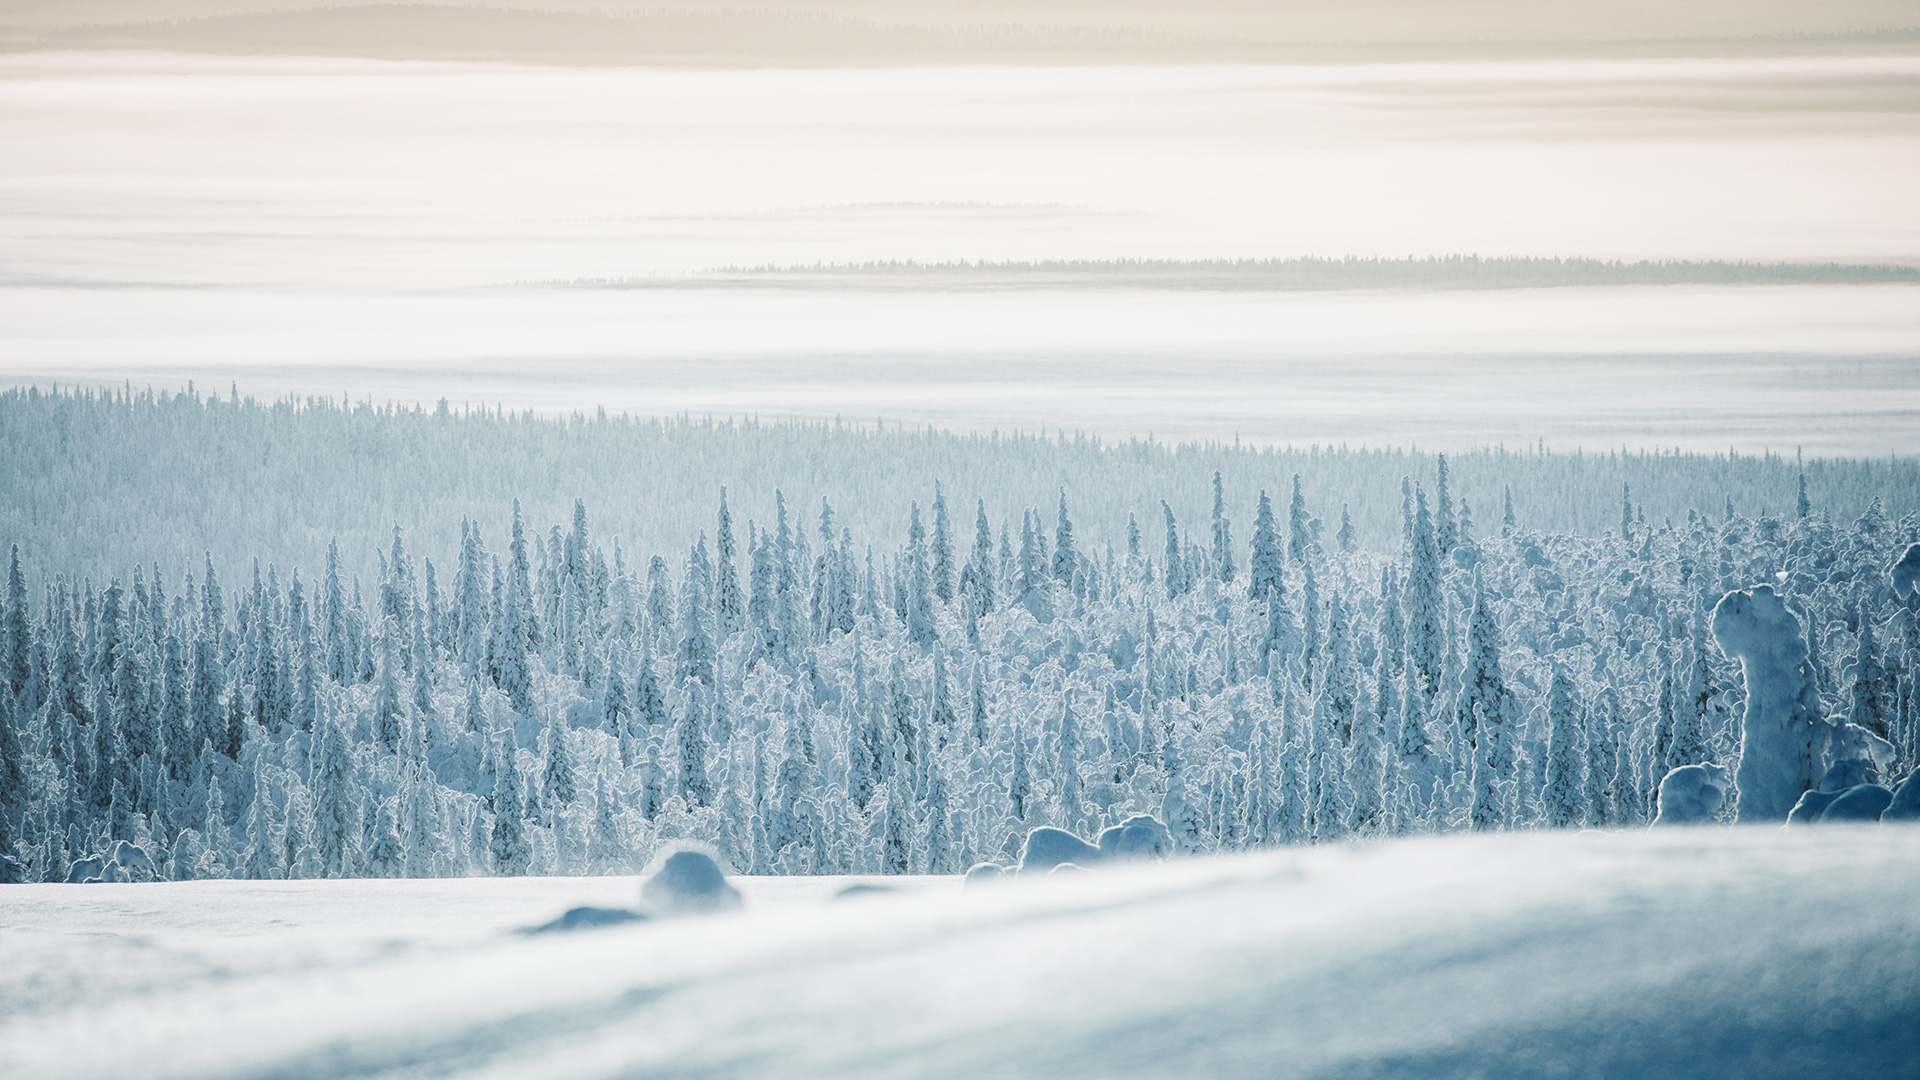 Lapland Candelabre boreal forest fog mist Raphaelle Monvoisin